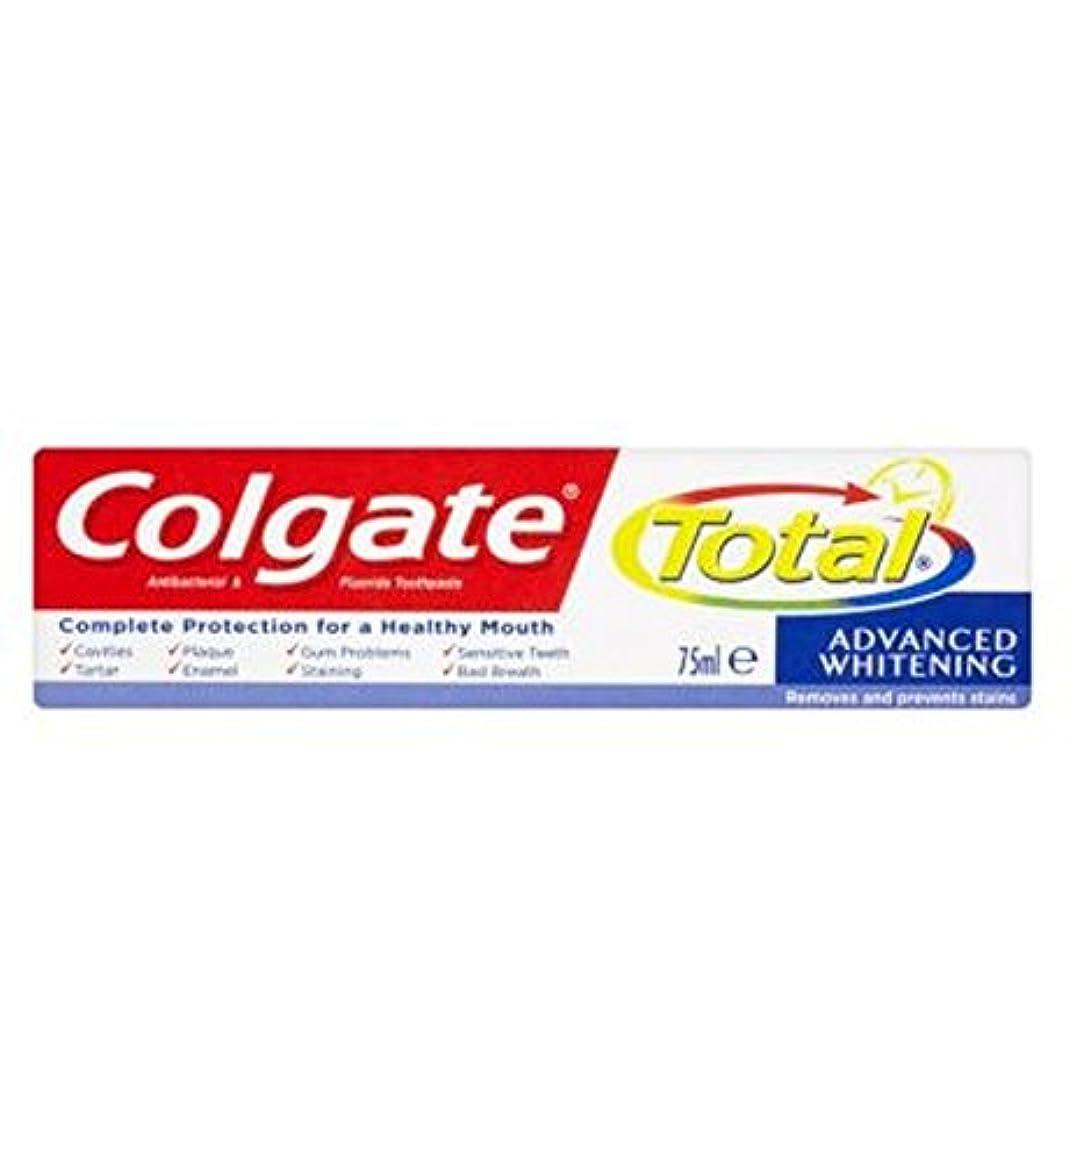 南極状改修するColgate Total Advanced Whitening toothpaste 75ml - コルゲートトータル高度なホワイトニング歯磨き粉75ミリリットル (Colgate) [並行輸入品]